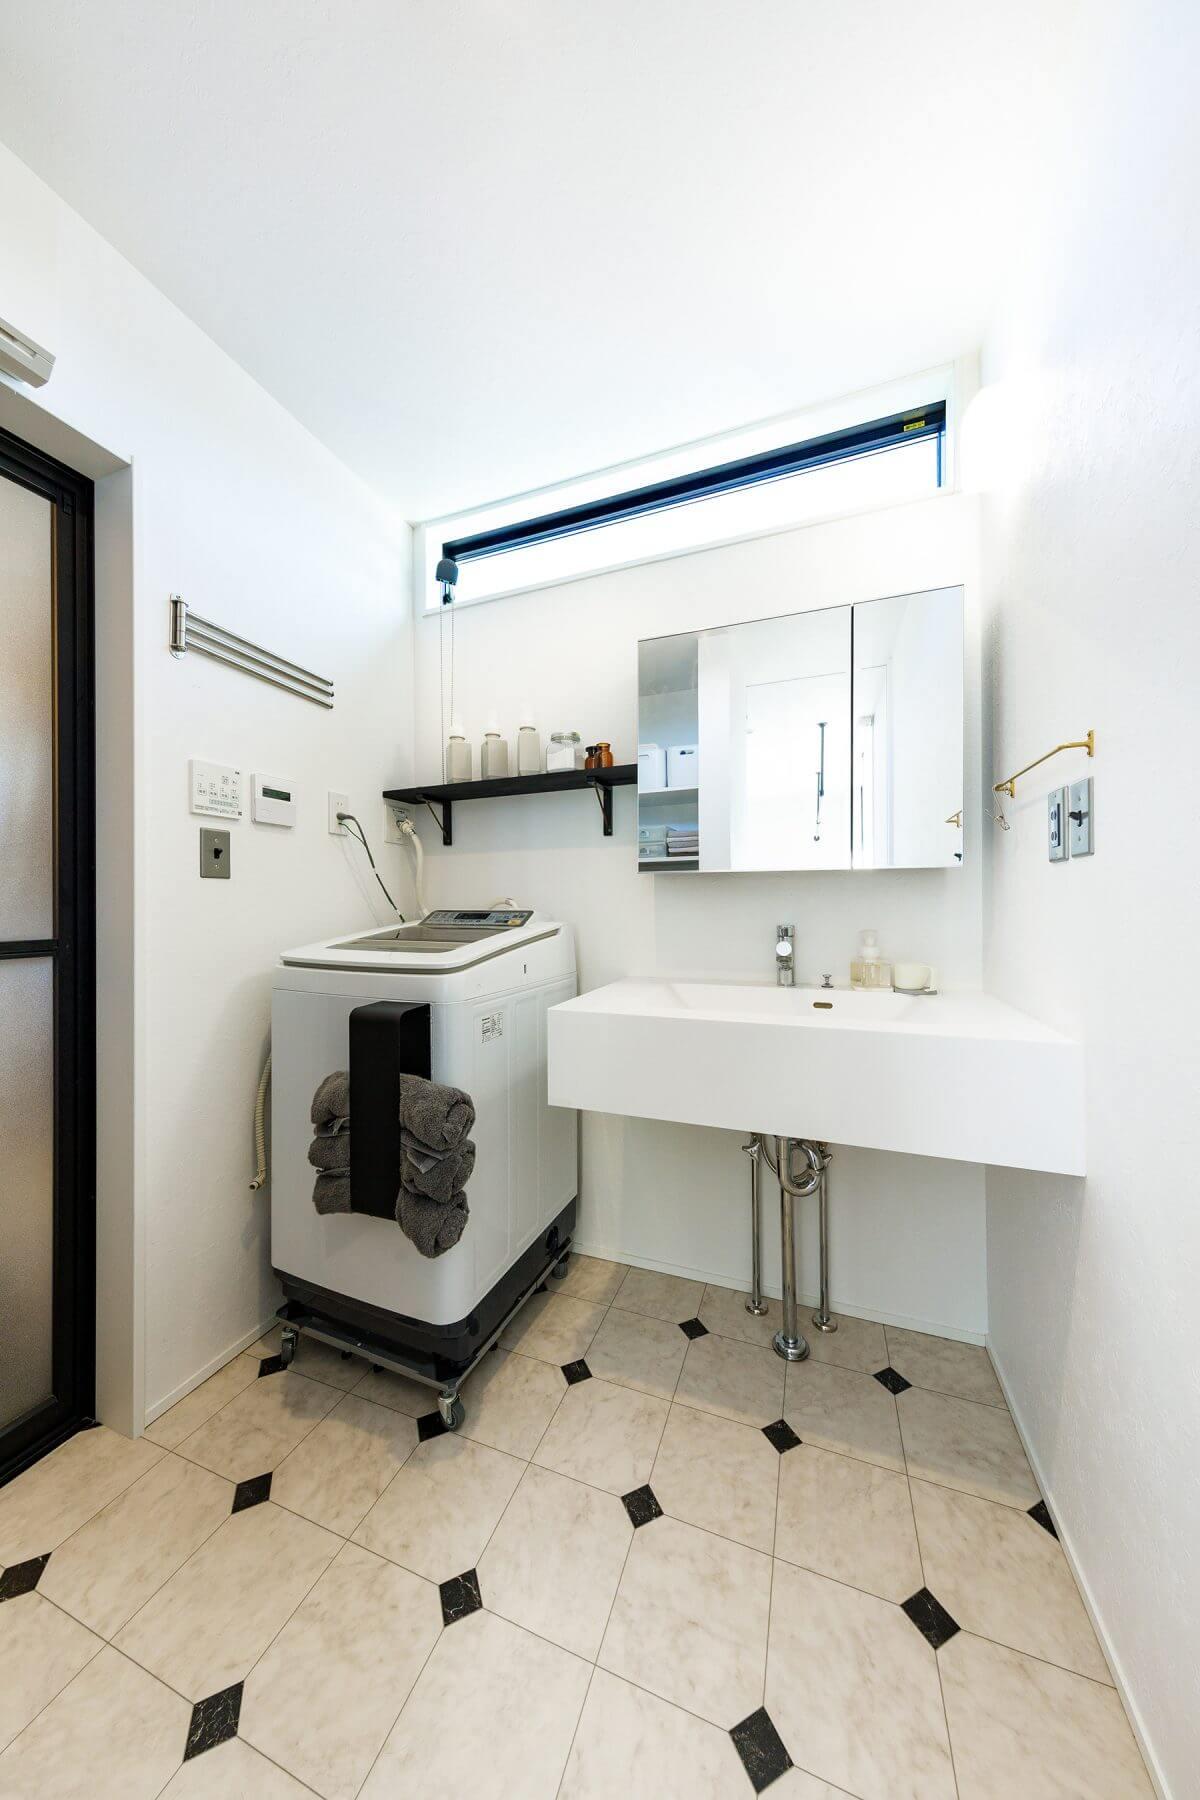 上部に横スリット窓を設けた、清潔感溢れる洗面室。プライバシーを守りつつ、充分な明るさに包まれた空間です。